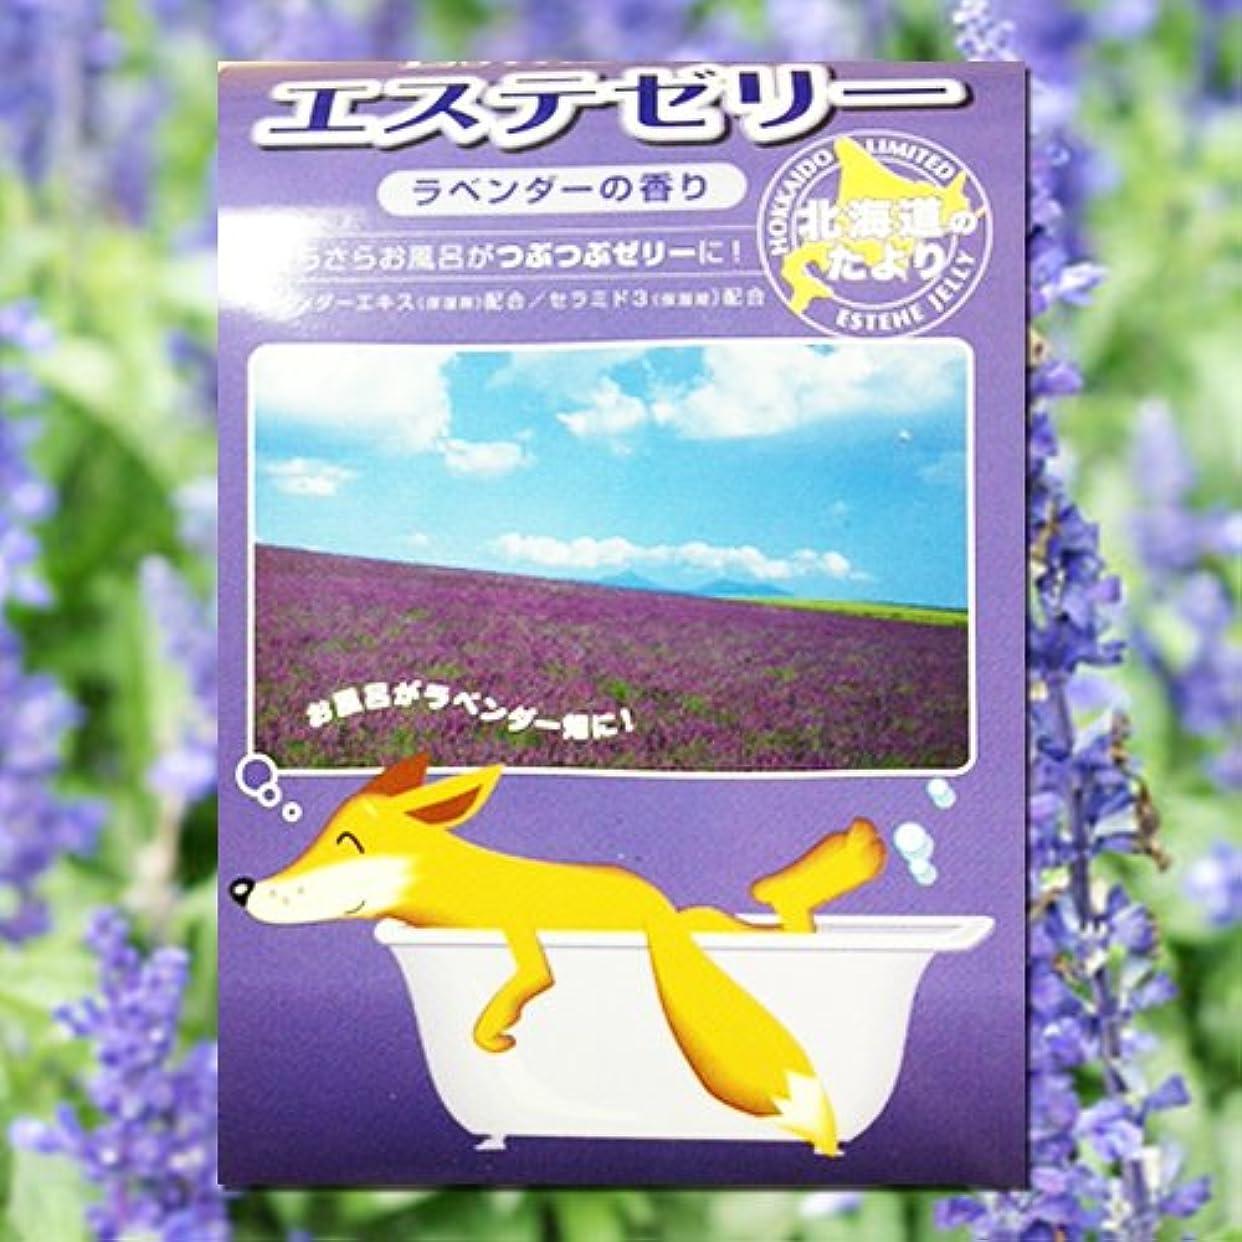 絡まる全員家具【2個セット】Esthe Jelly エステゼリー ラベンダーの香り (入浴剤)